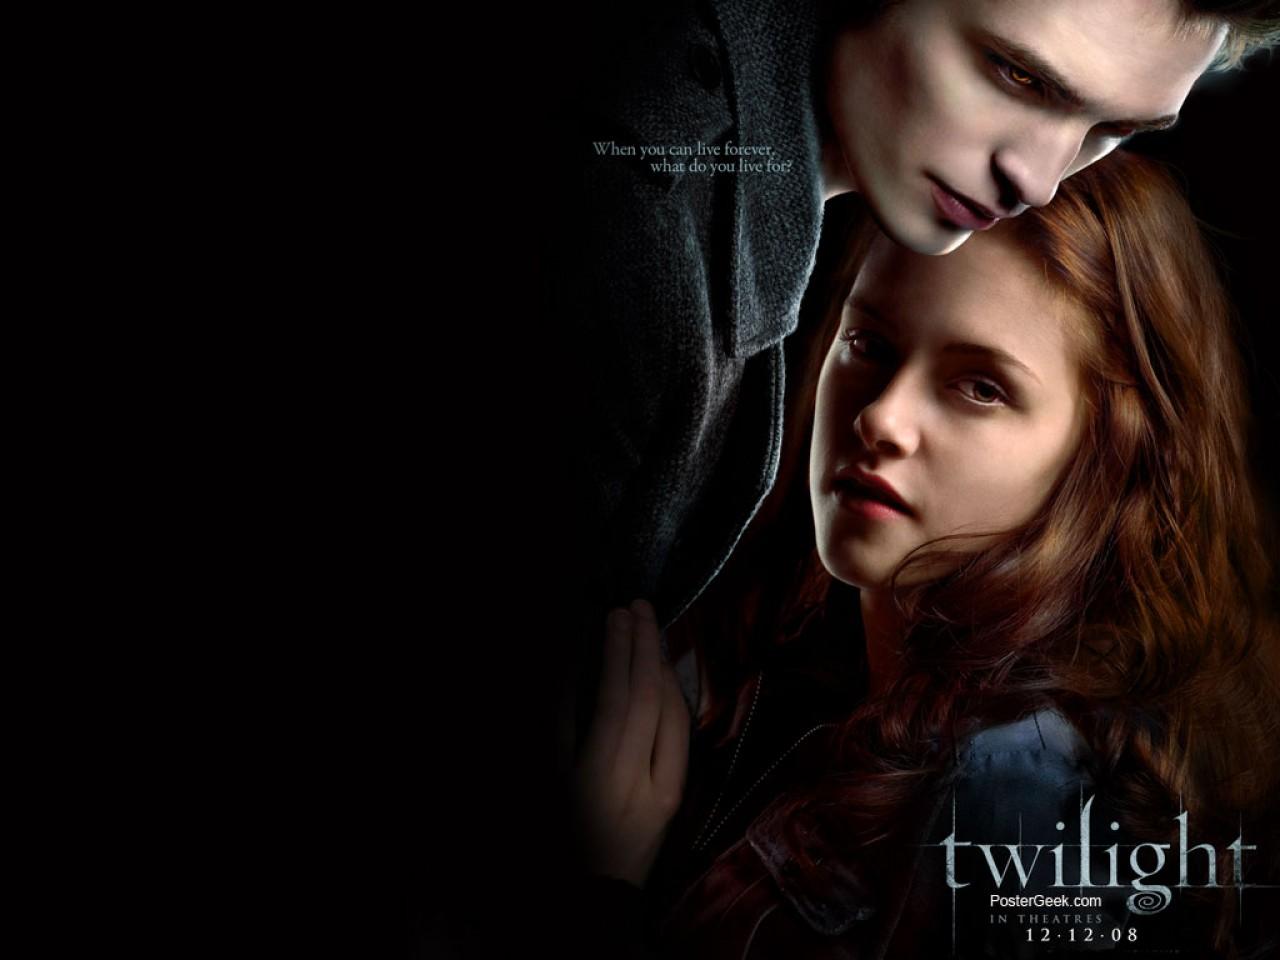 Edward And Bella Twilight Wallpaper 1280x960